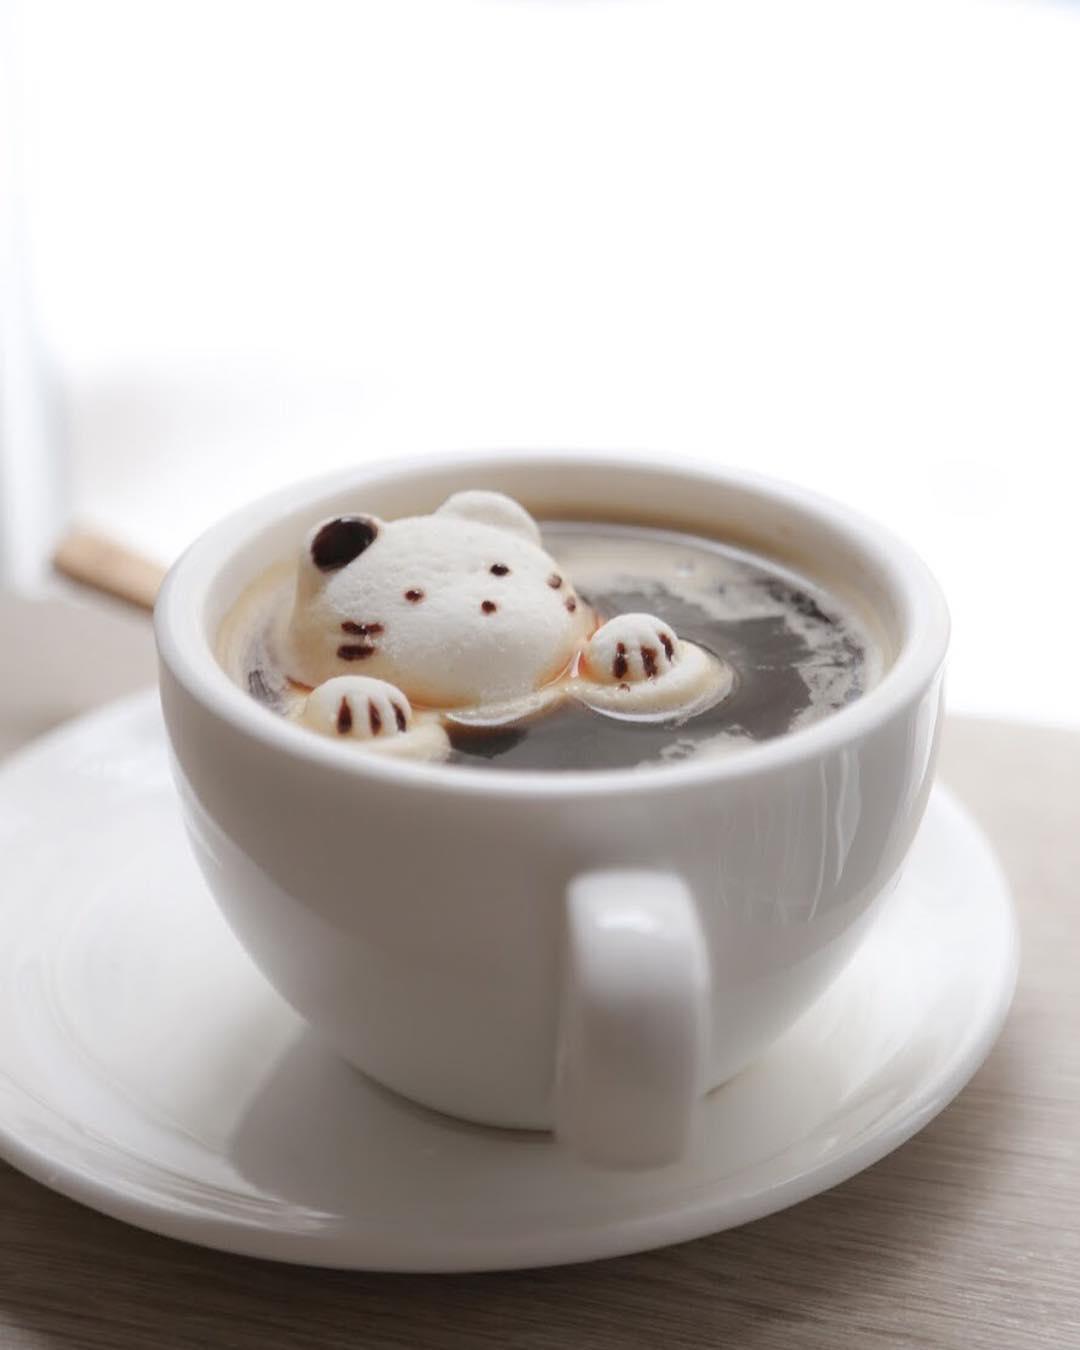 3D lattes